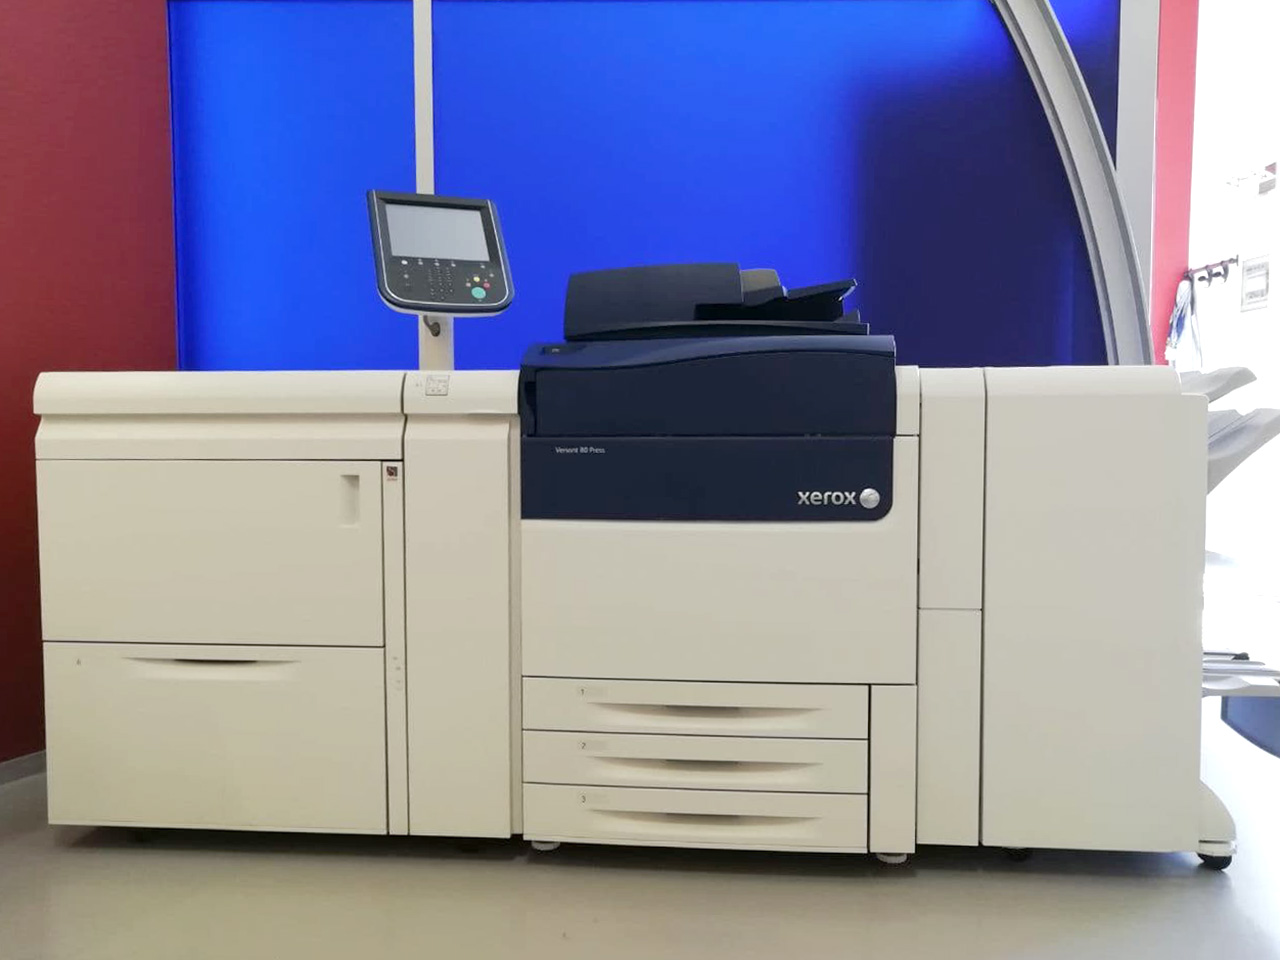 Xerox Versant 80 - Usato garantito Xerox - Fronte